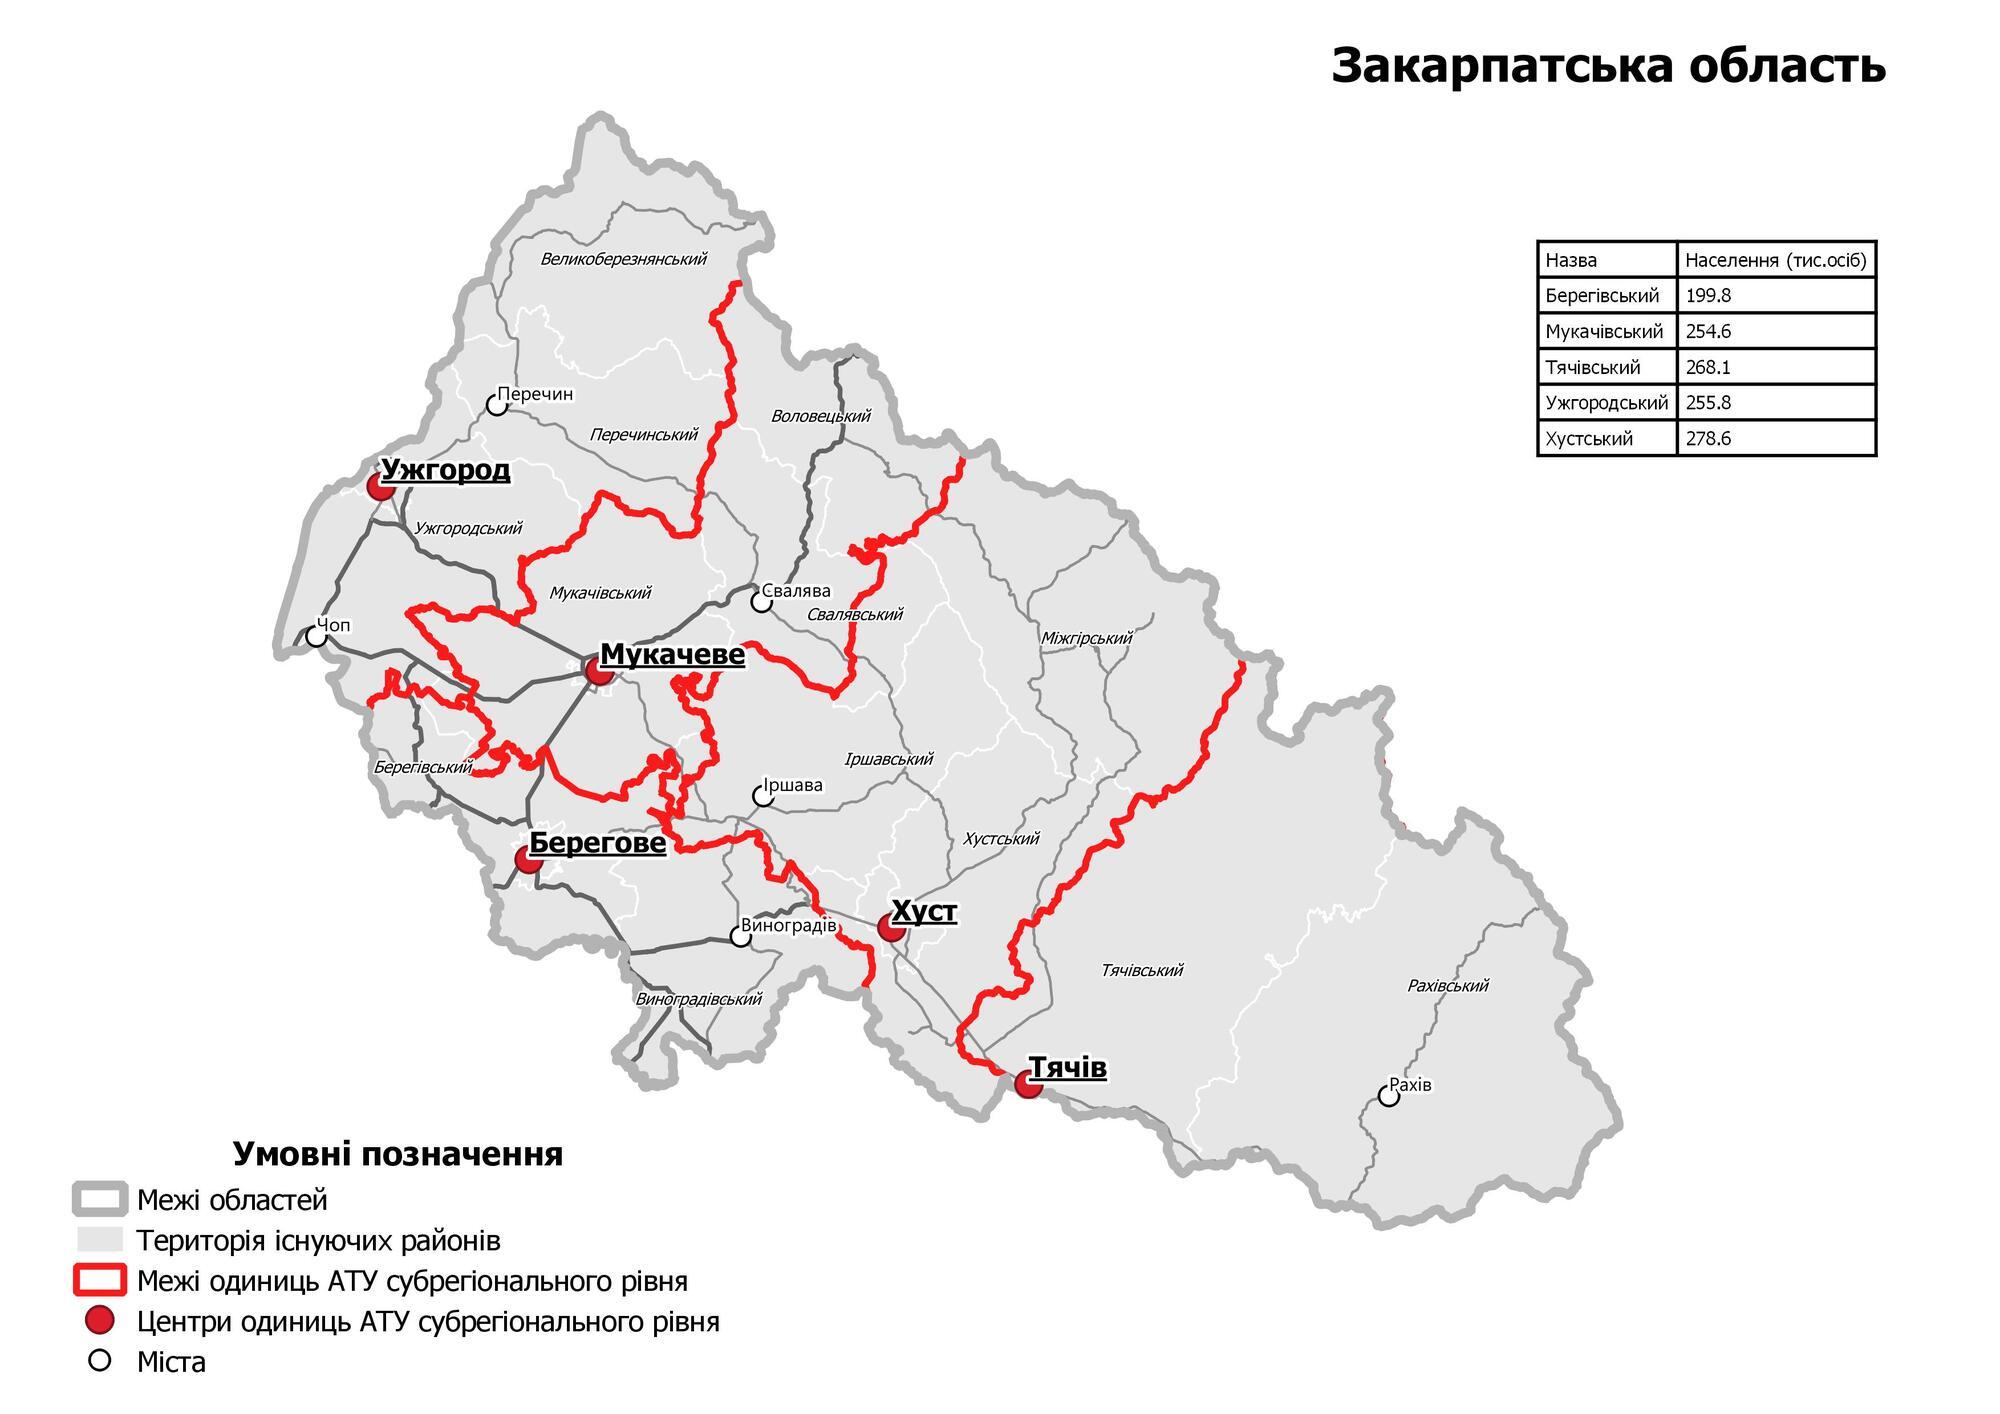 Образование новых районов на Закарпатье